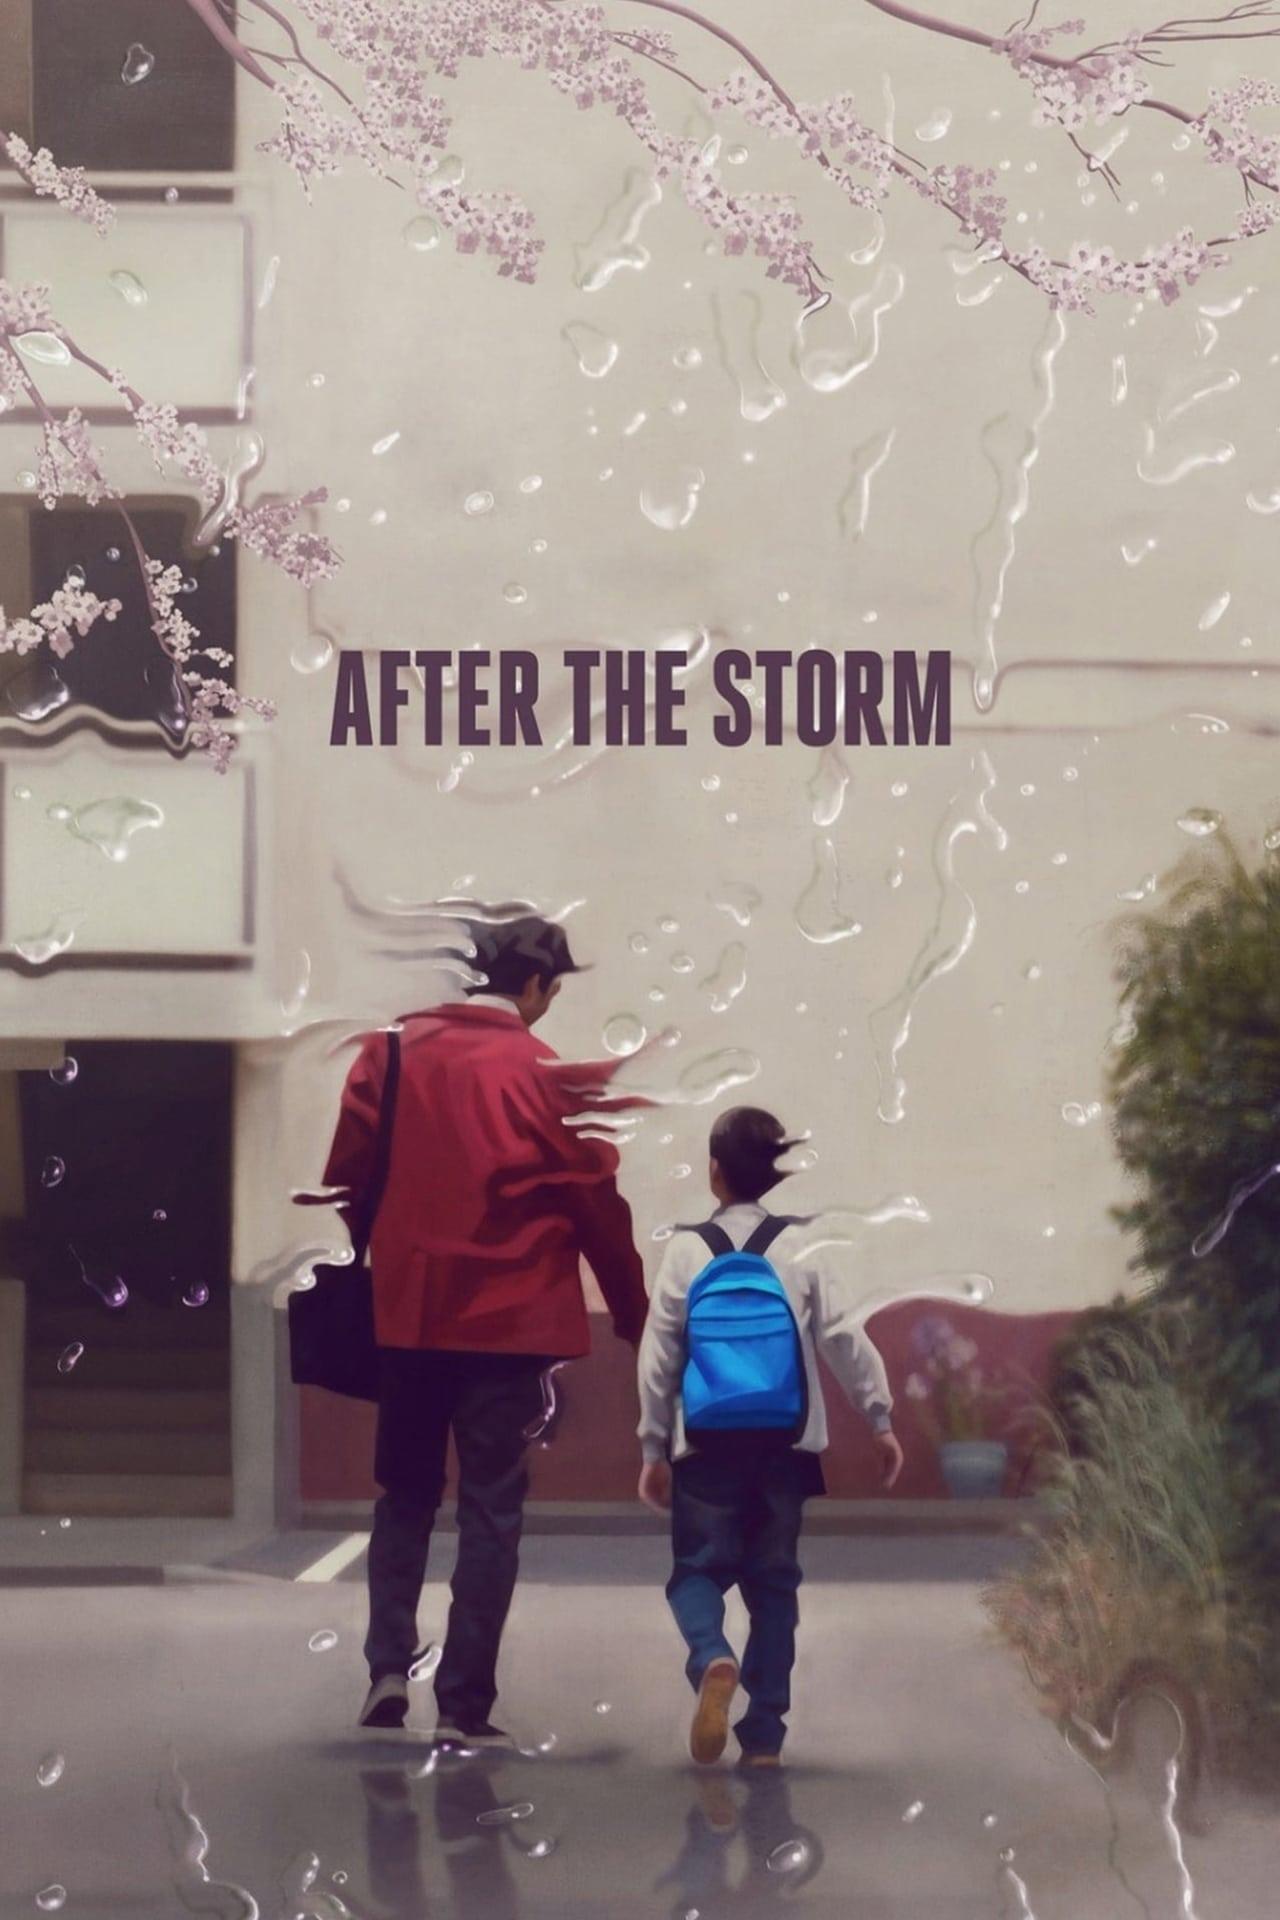 Después de la tormenta (After the Storm)